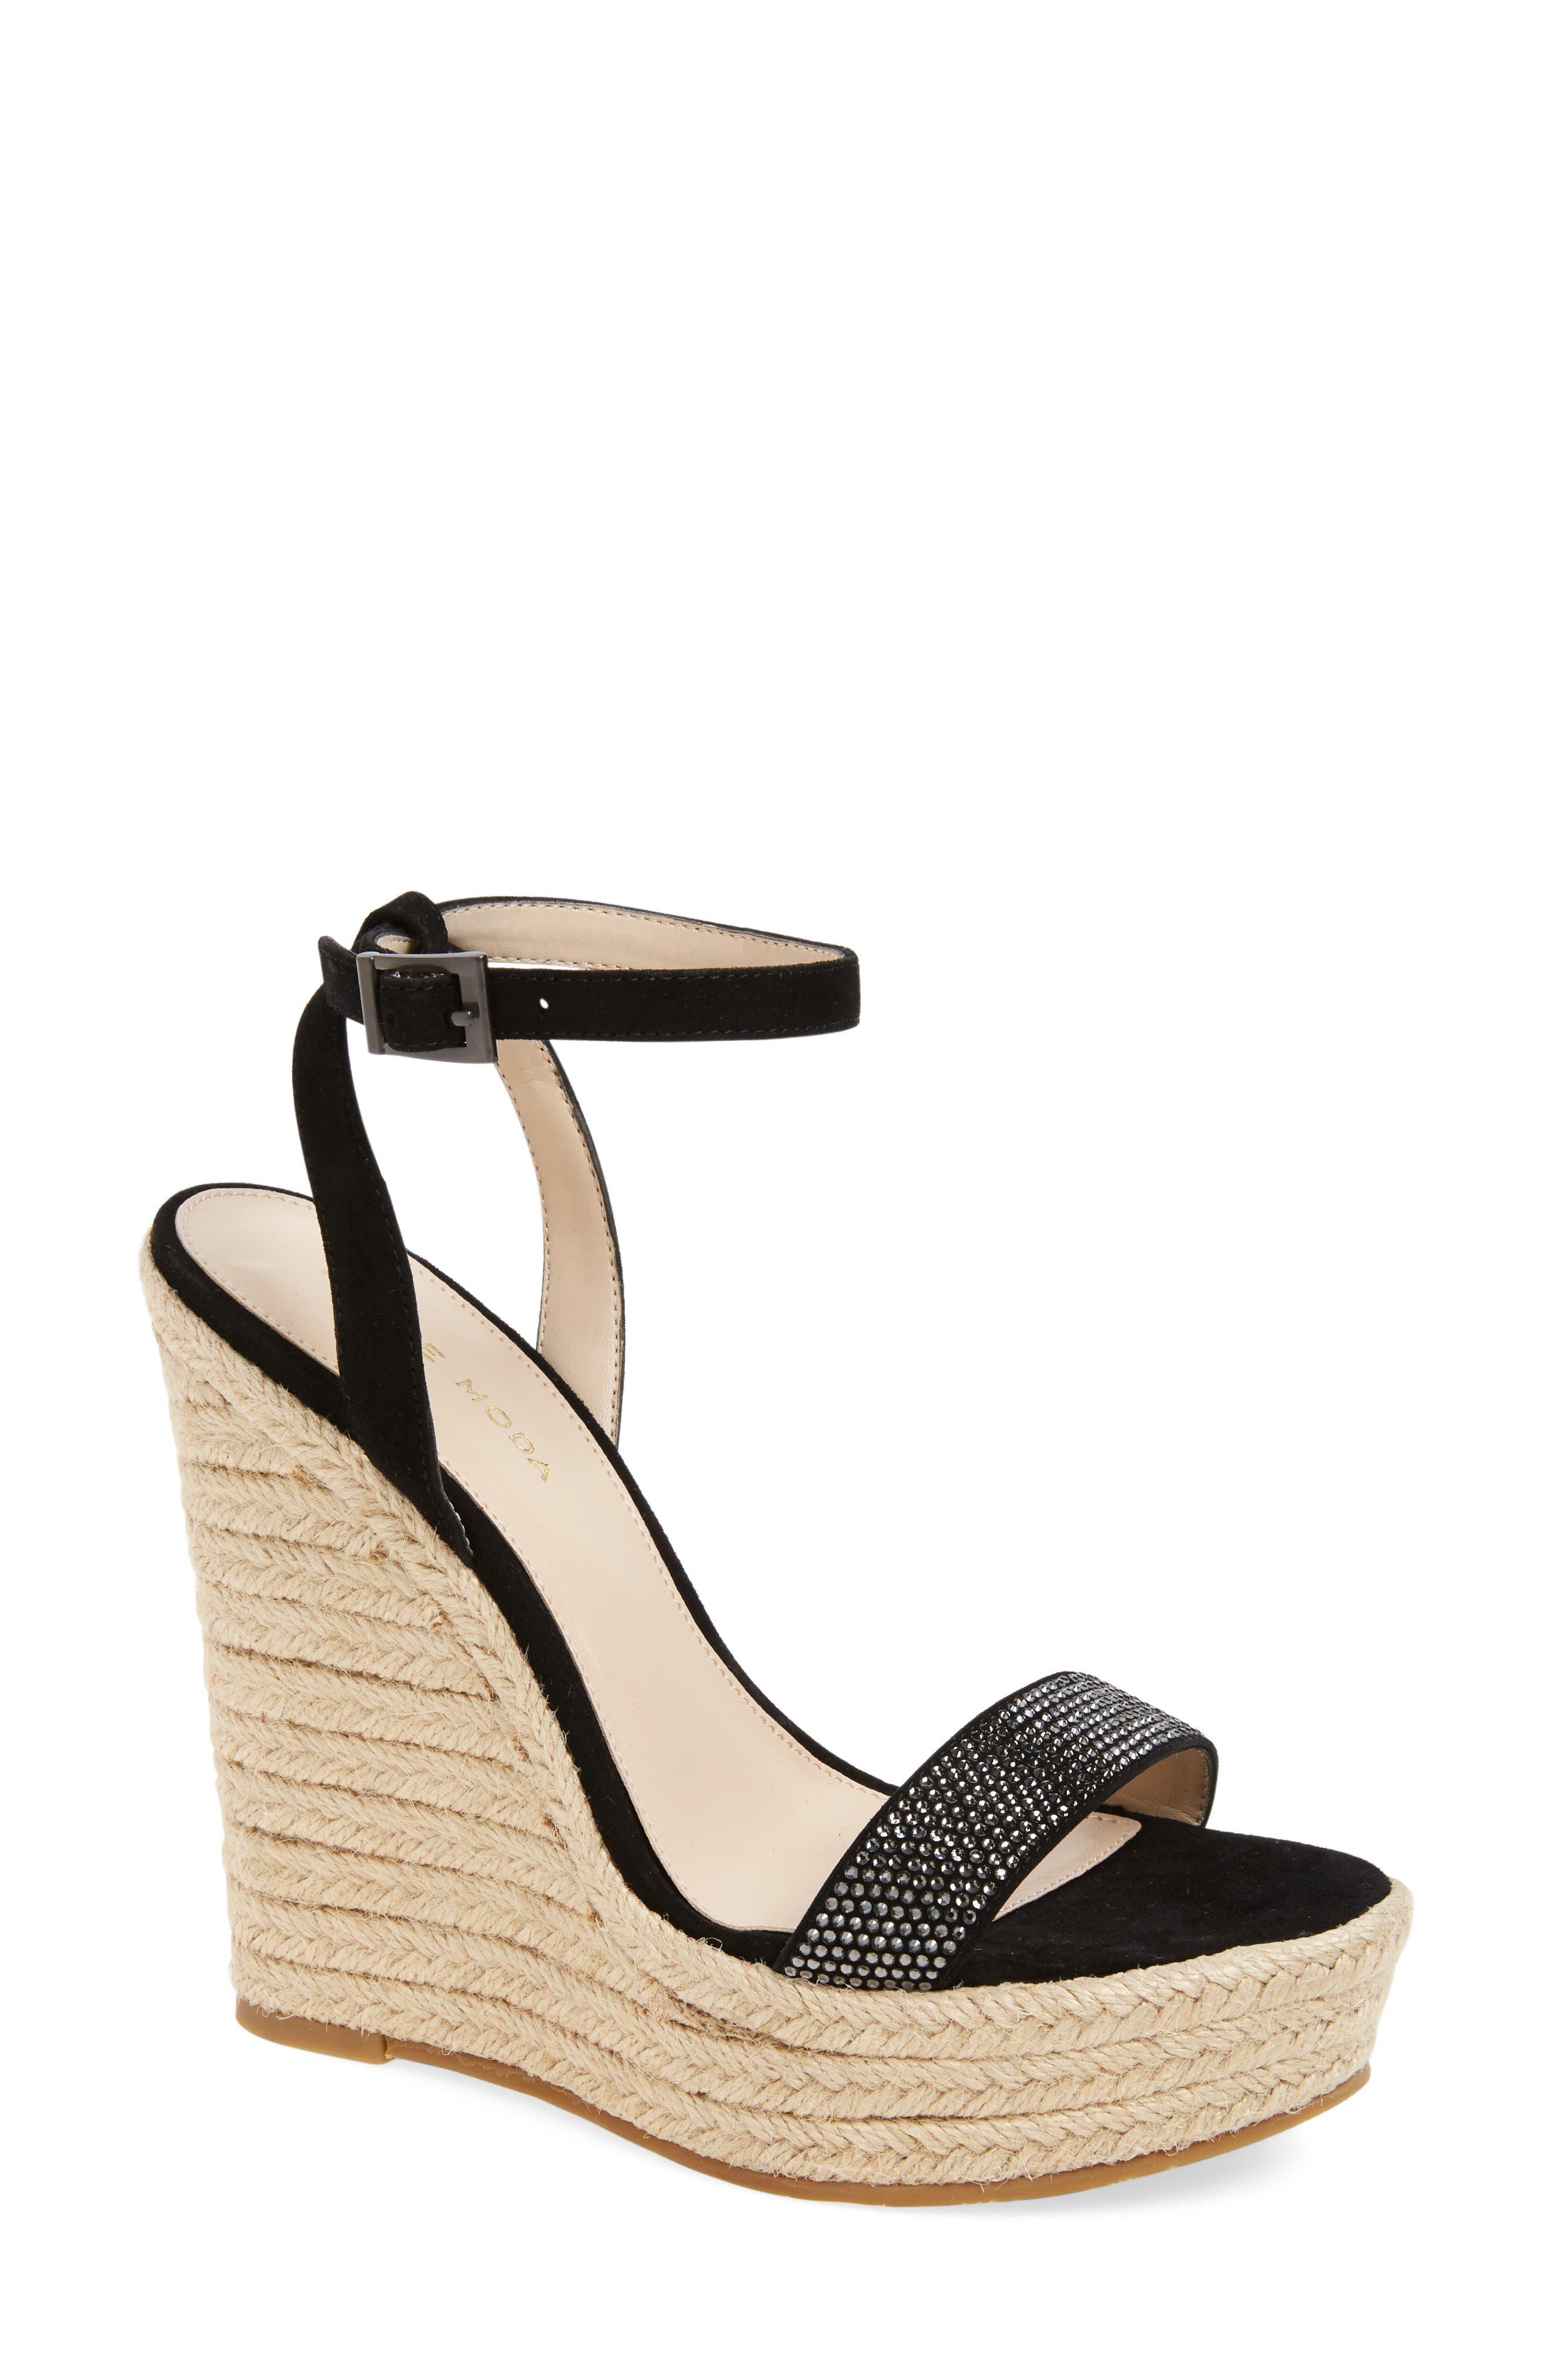 Pelle Moda Only Embellished Platform Wedge (Women)